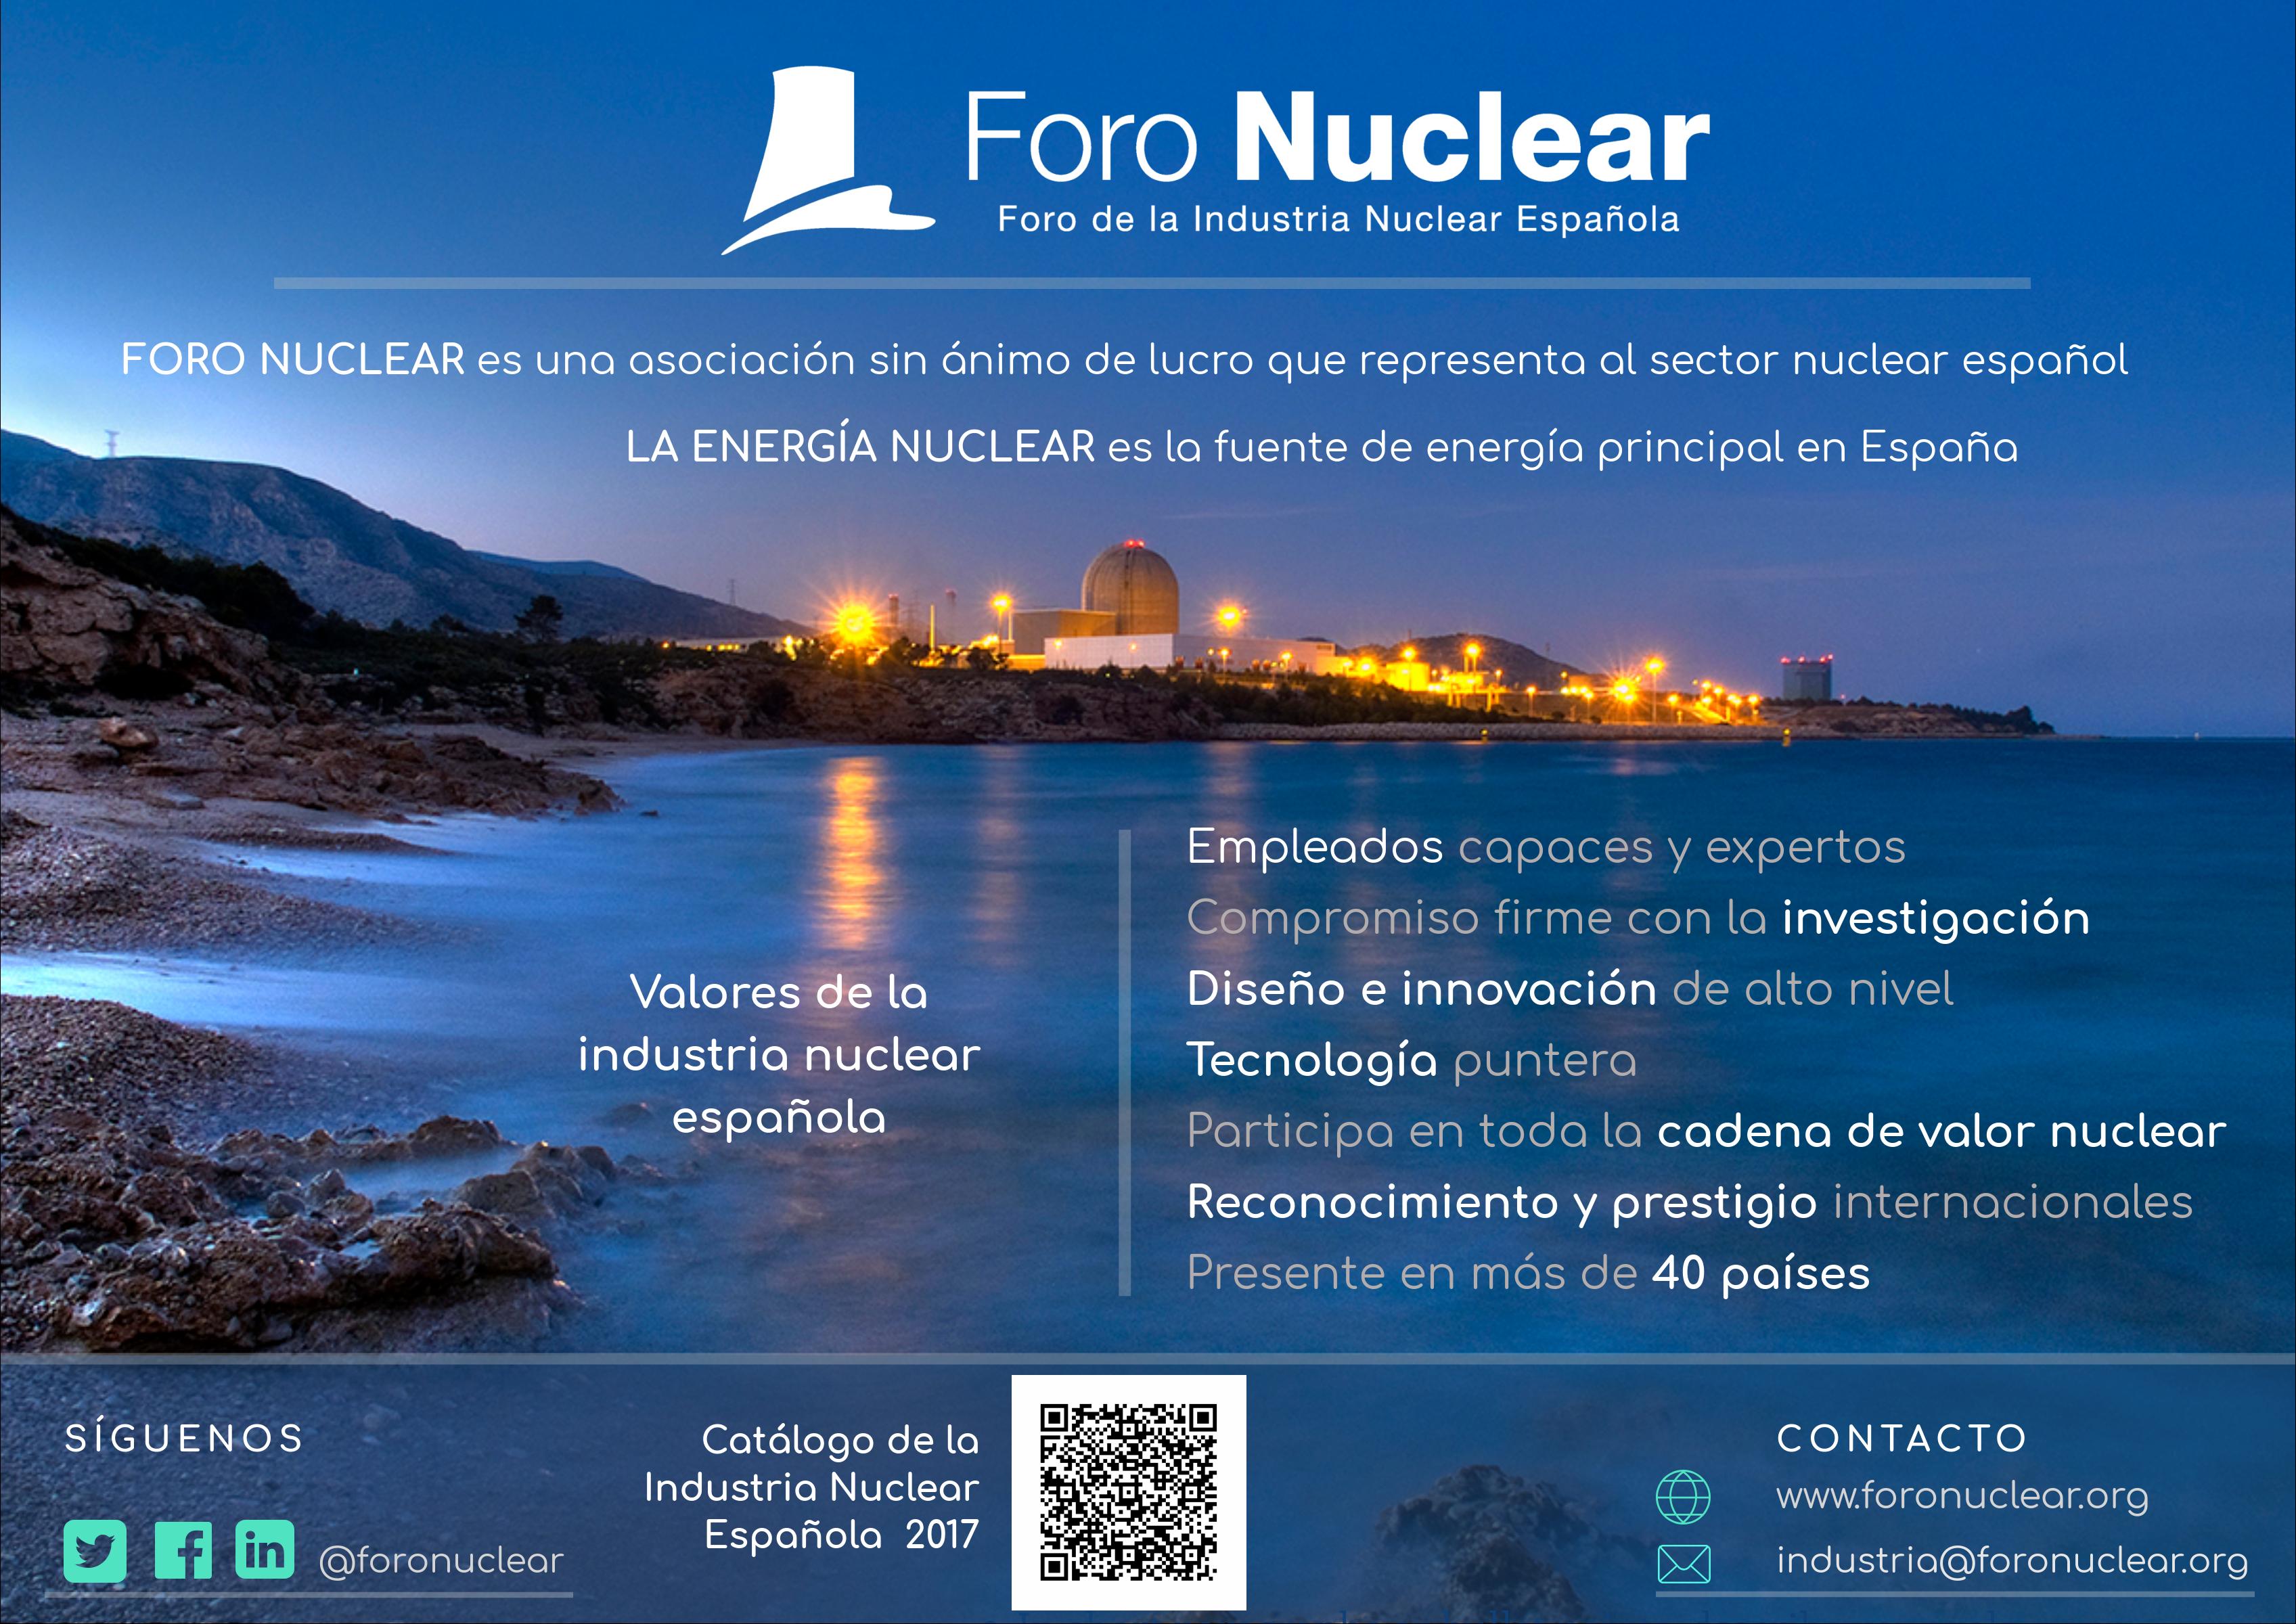 Valores de la Industria Nuclear Española